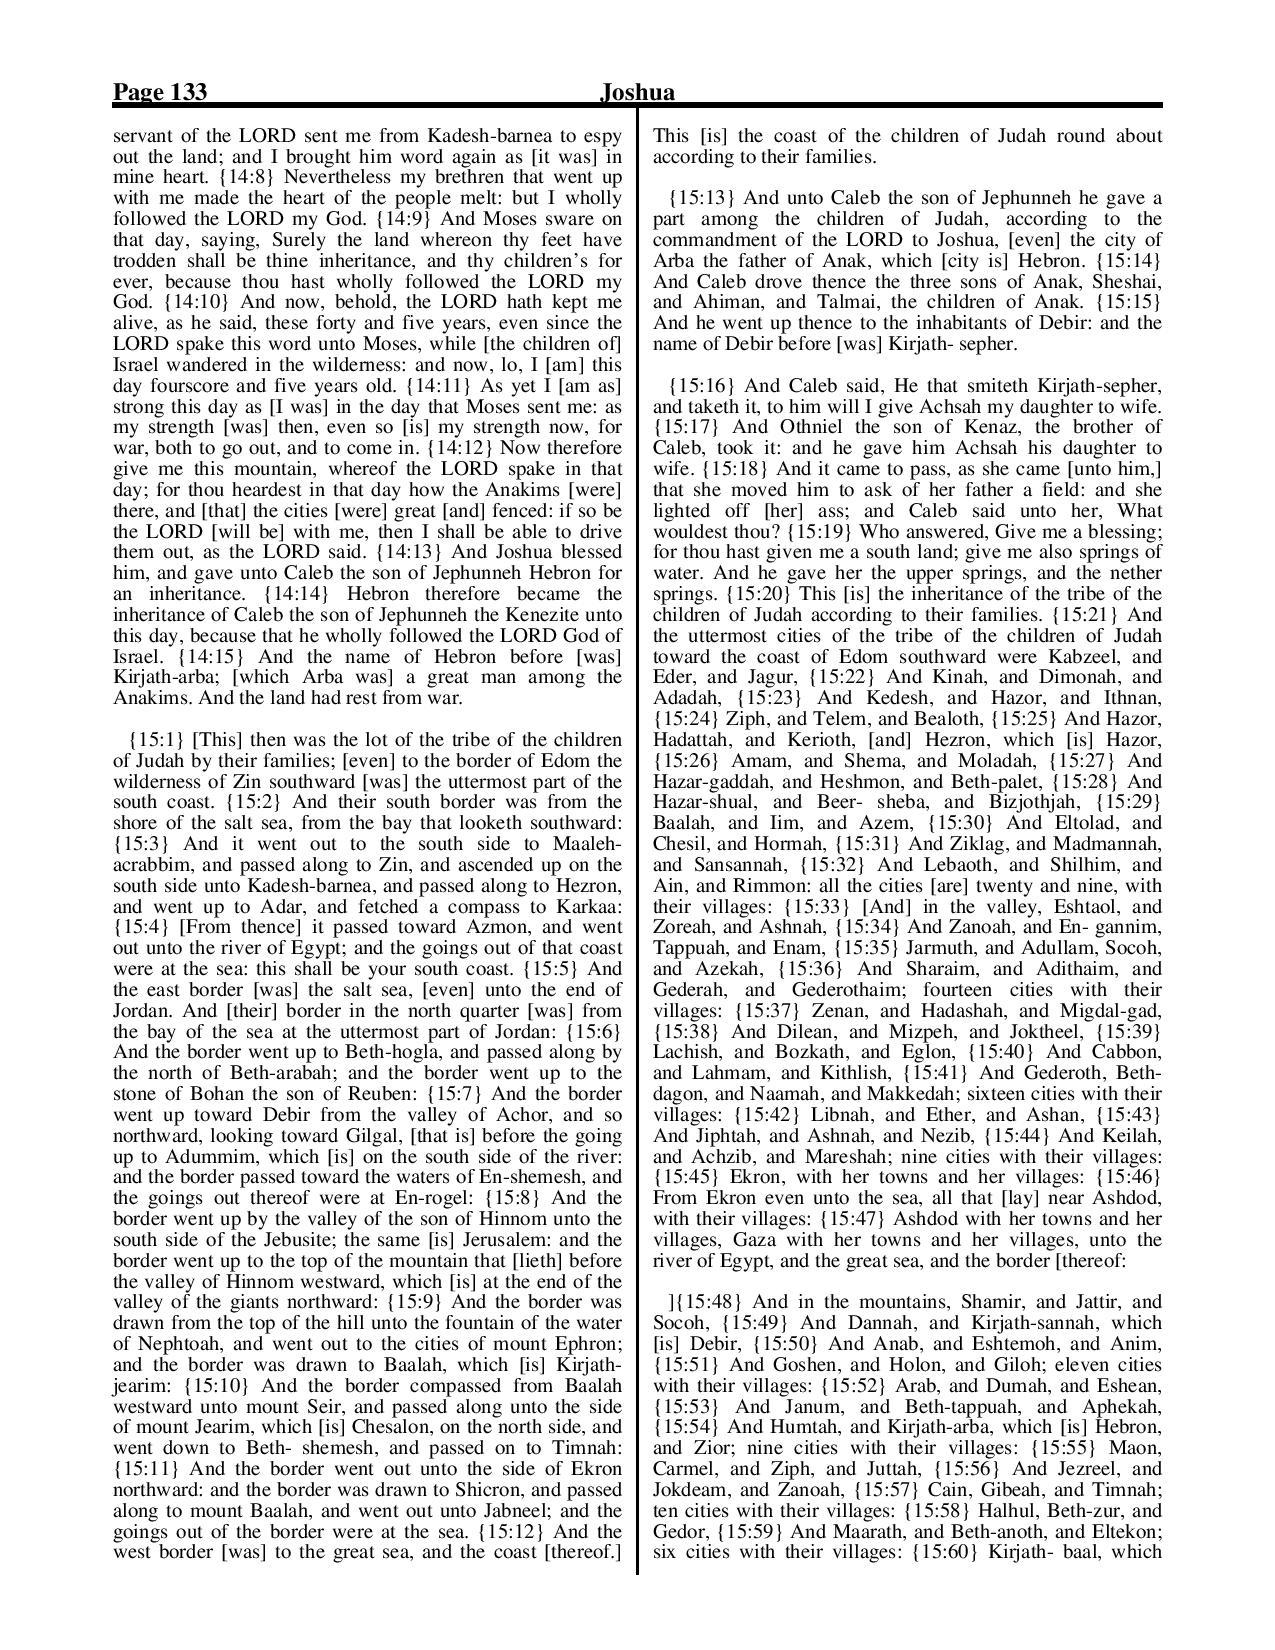 King-James-Bible-KJV-Bible-PDF-page-154